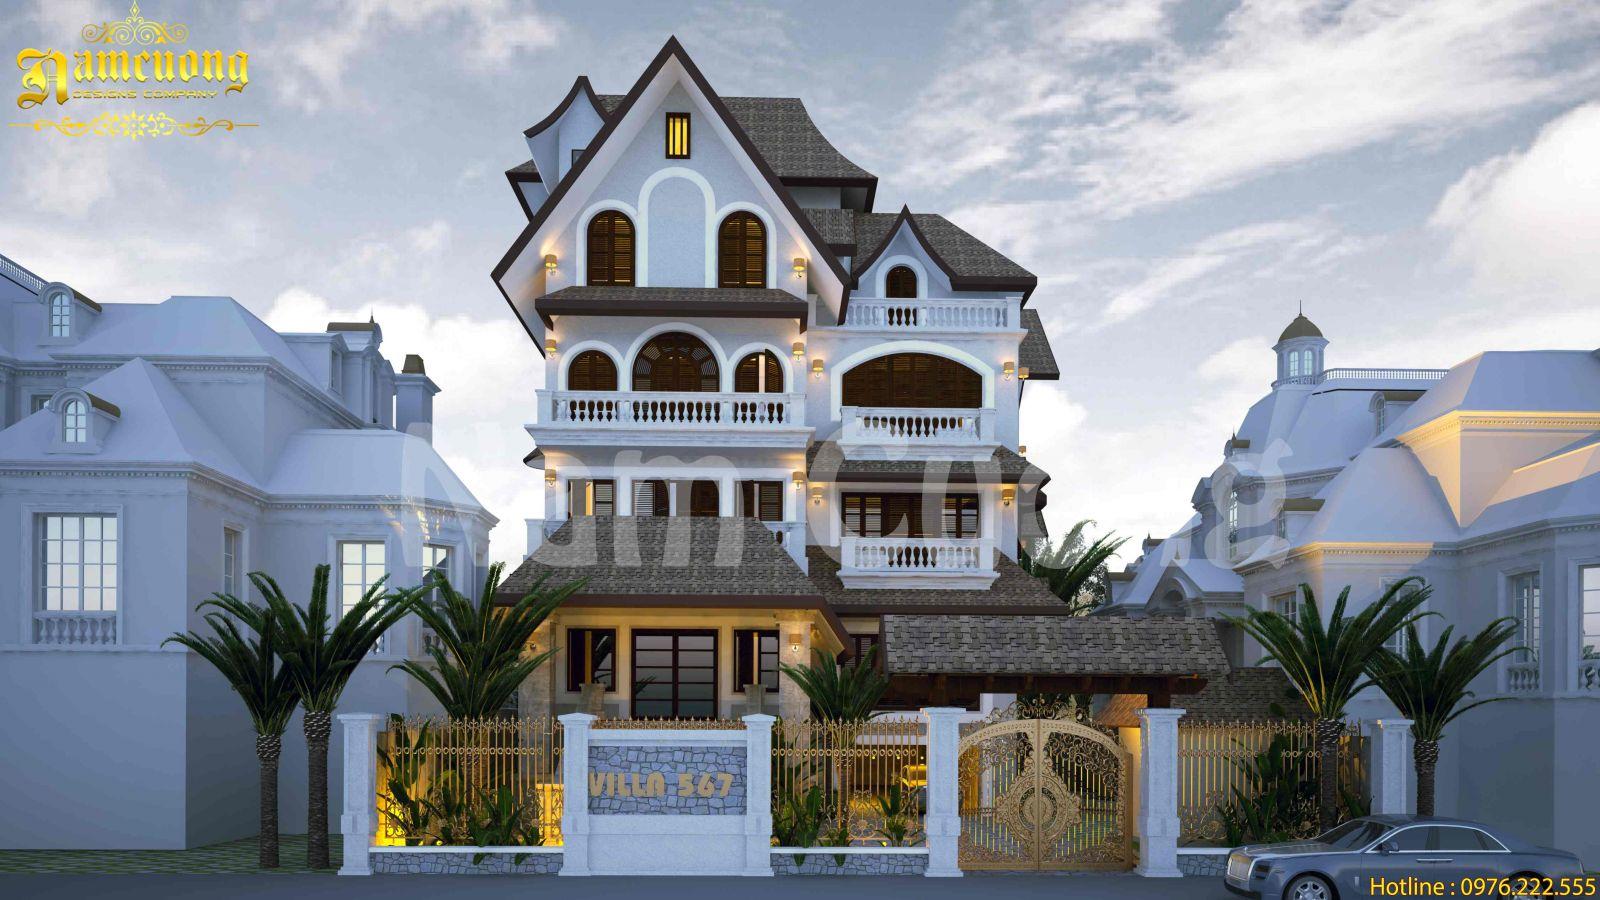 Thiết kế biệt thự tân cổ điển sang trọng và đẳng cấp tại Hà Nội